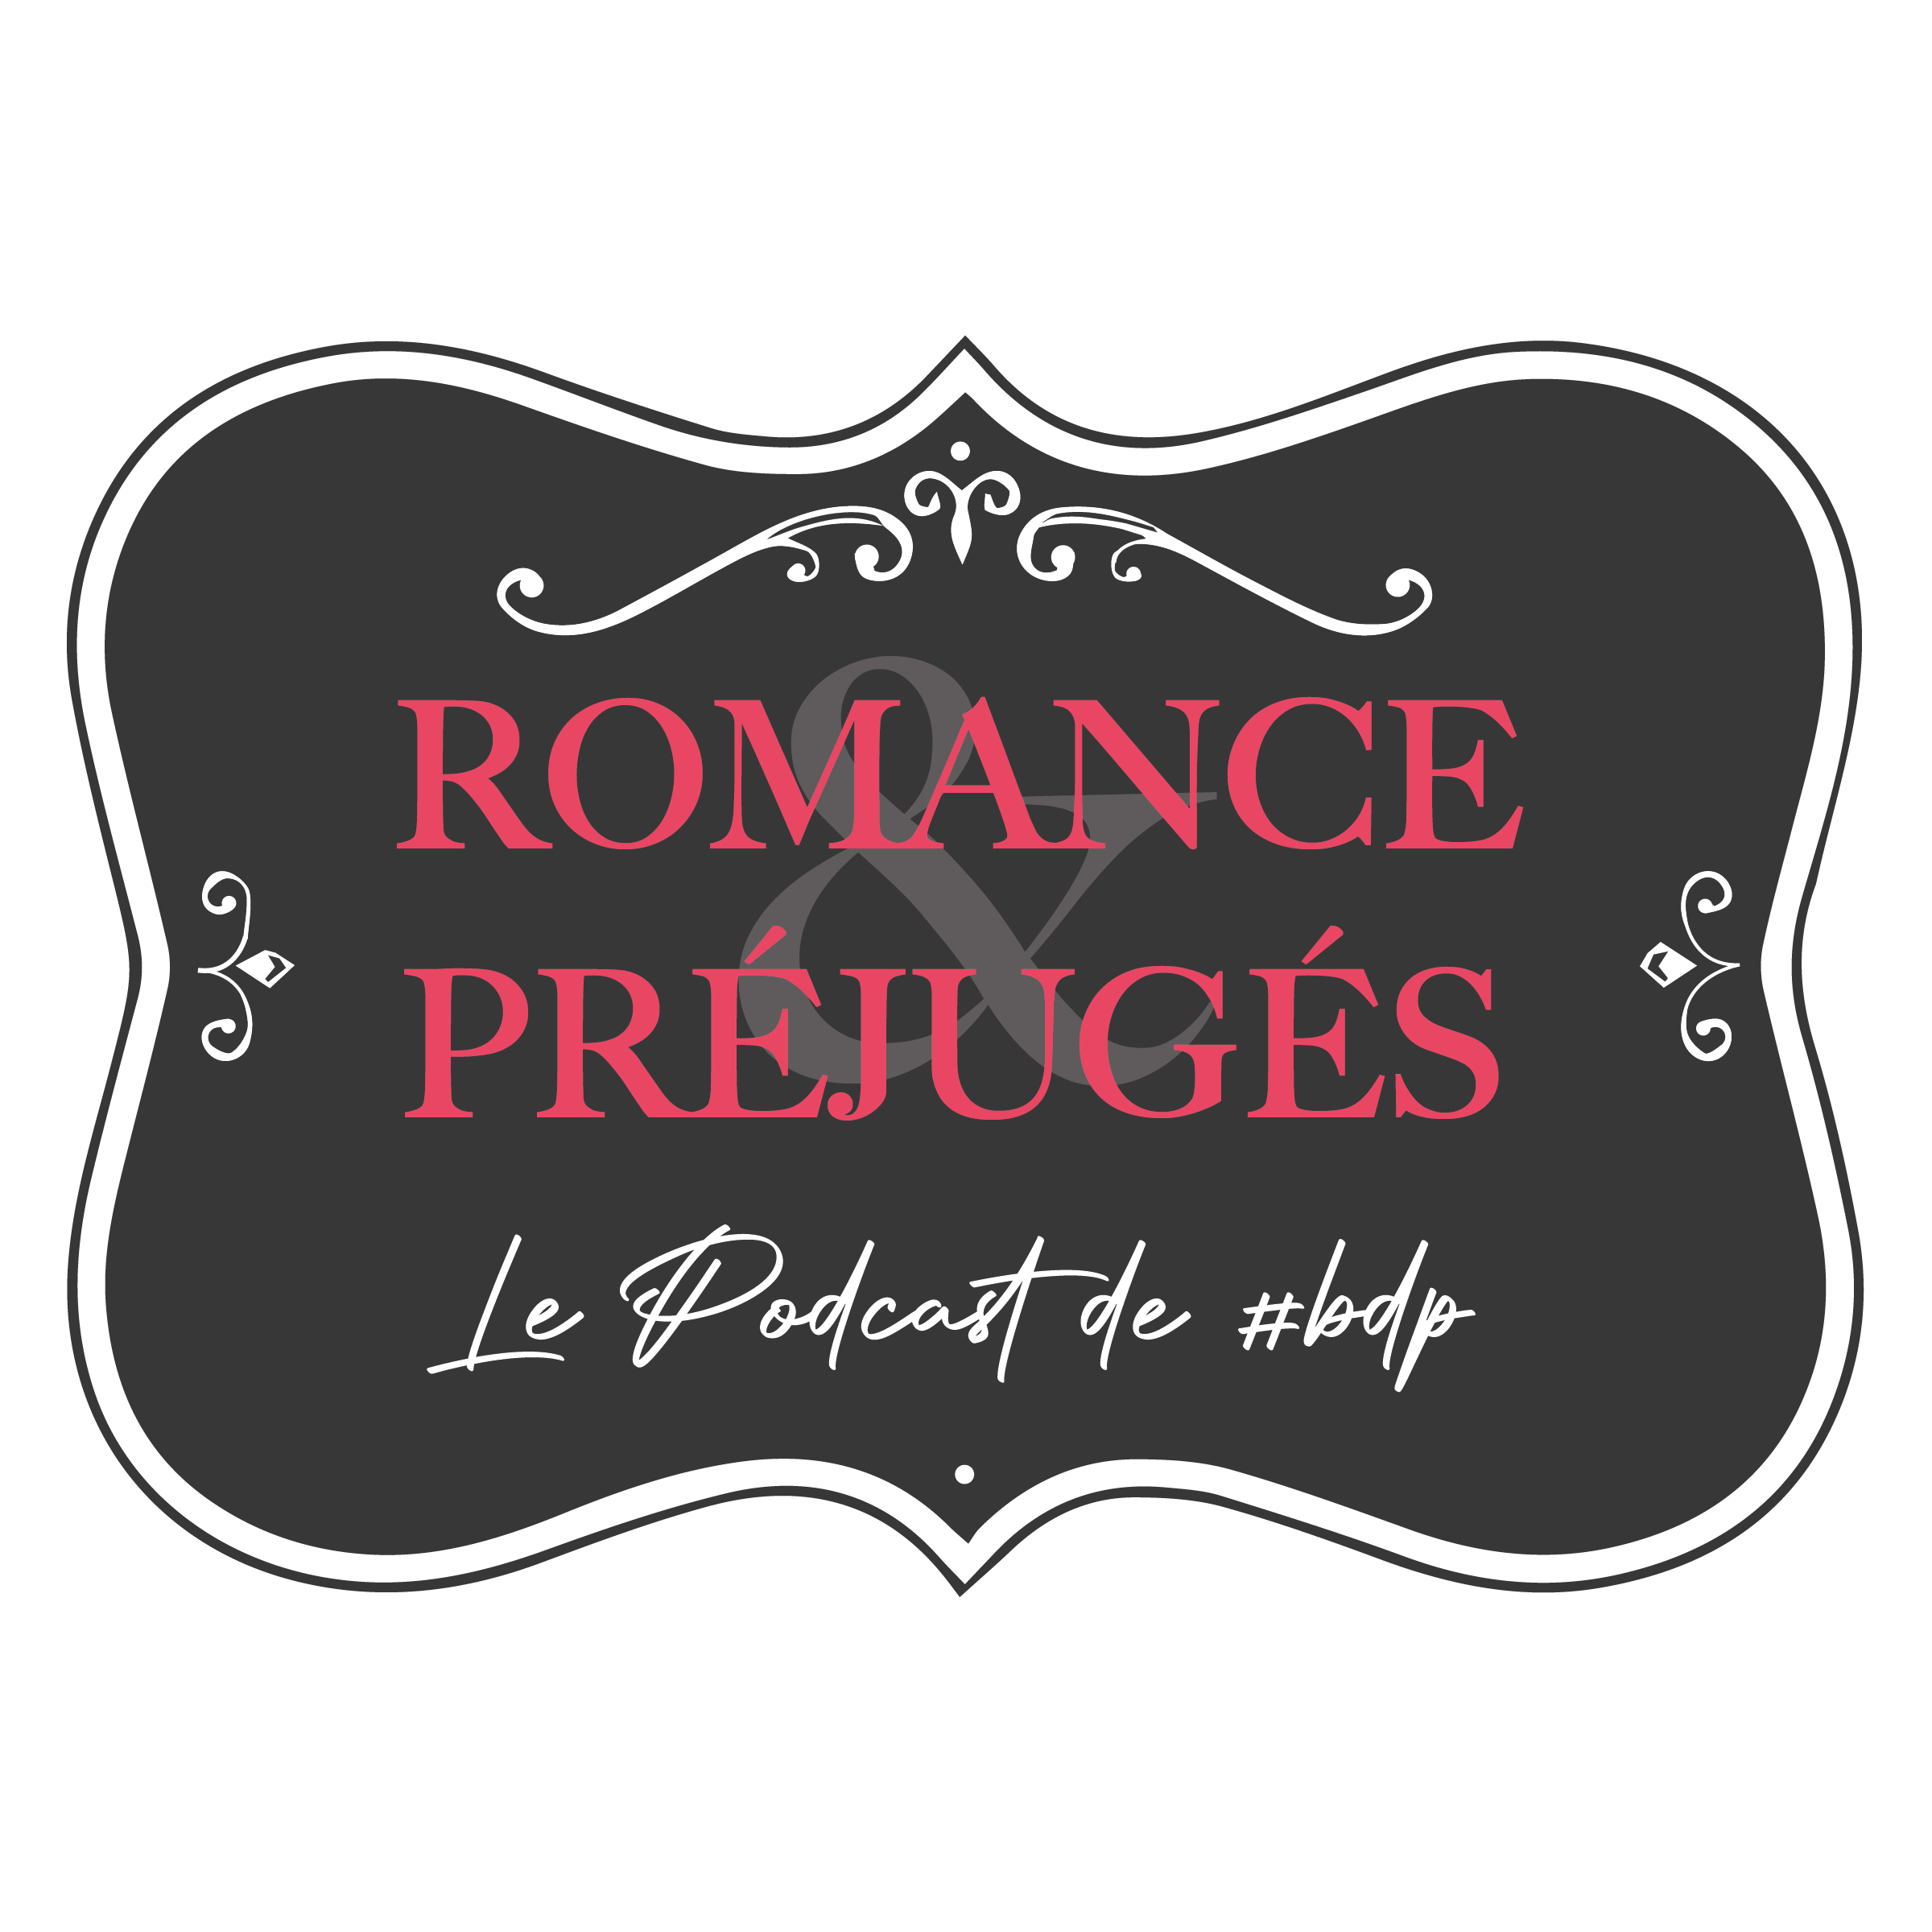 Romance & Préjugés Le Podcast - Episode 0 : La naissance d'une passion Logo-p12